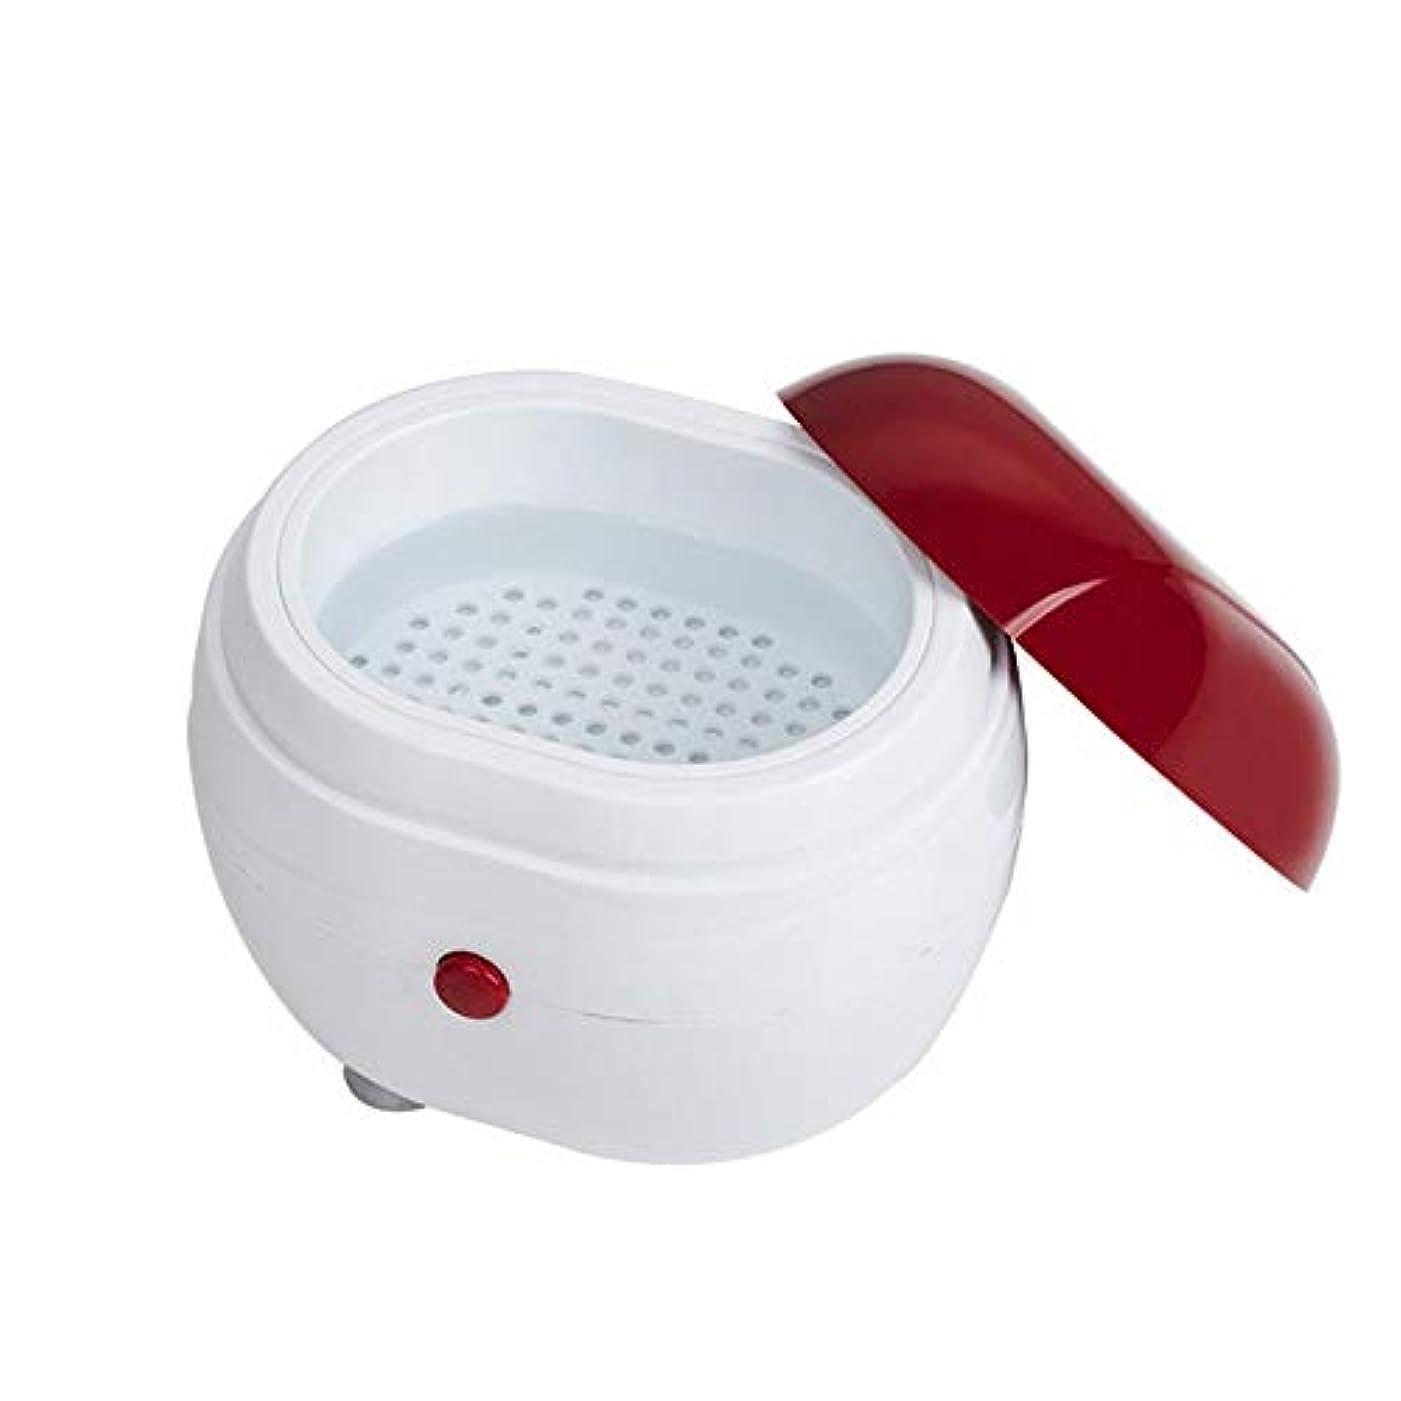 北米受信ランタンポータブル超音波洗濯機家庭用ジュエリーレンズ時計入れ歯クリーニング機洗濯機クリーナークリーニングボックス - 赤&白